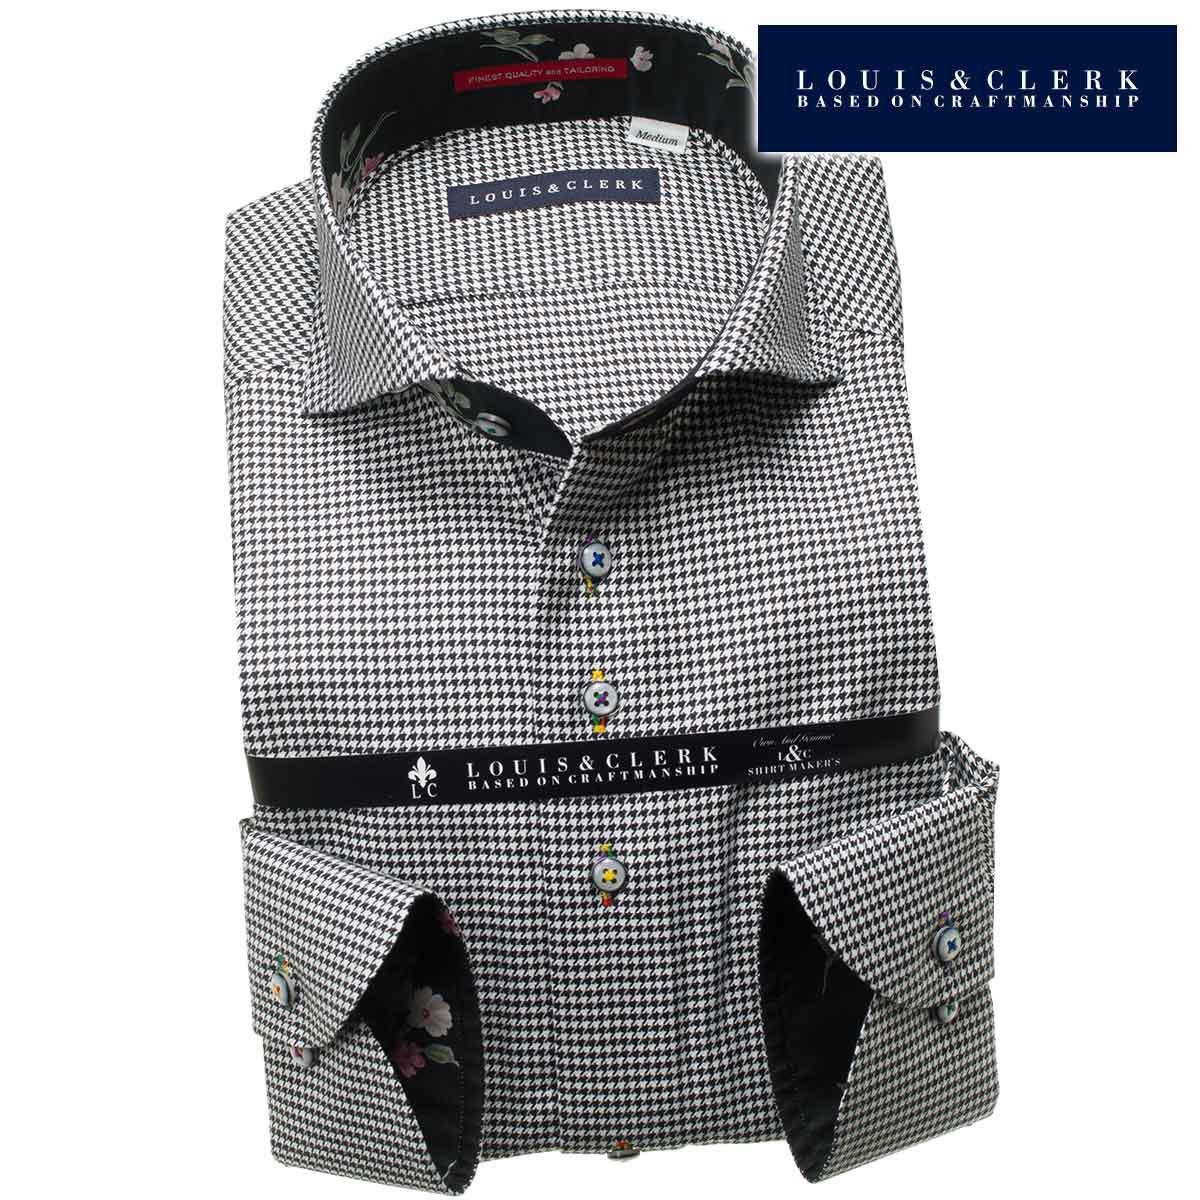 熟練した職人の手による完成度の高い『他人とは違う』ハイセンス・高品質のドレスシャツをお楽しみください。